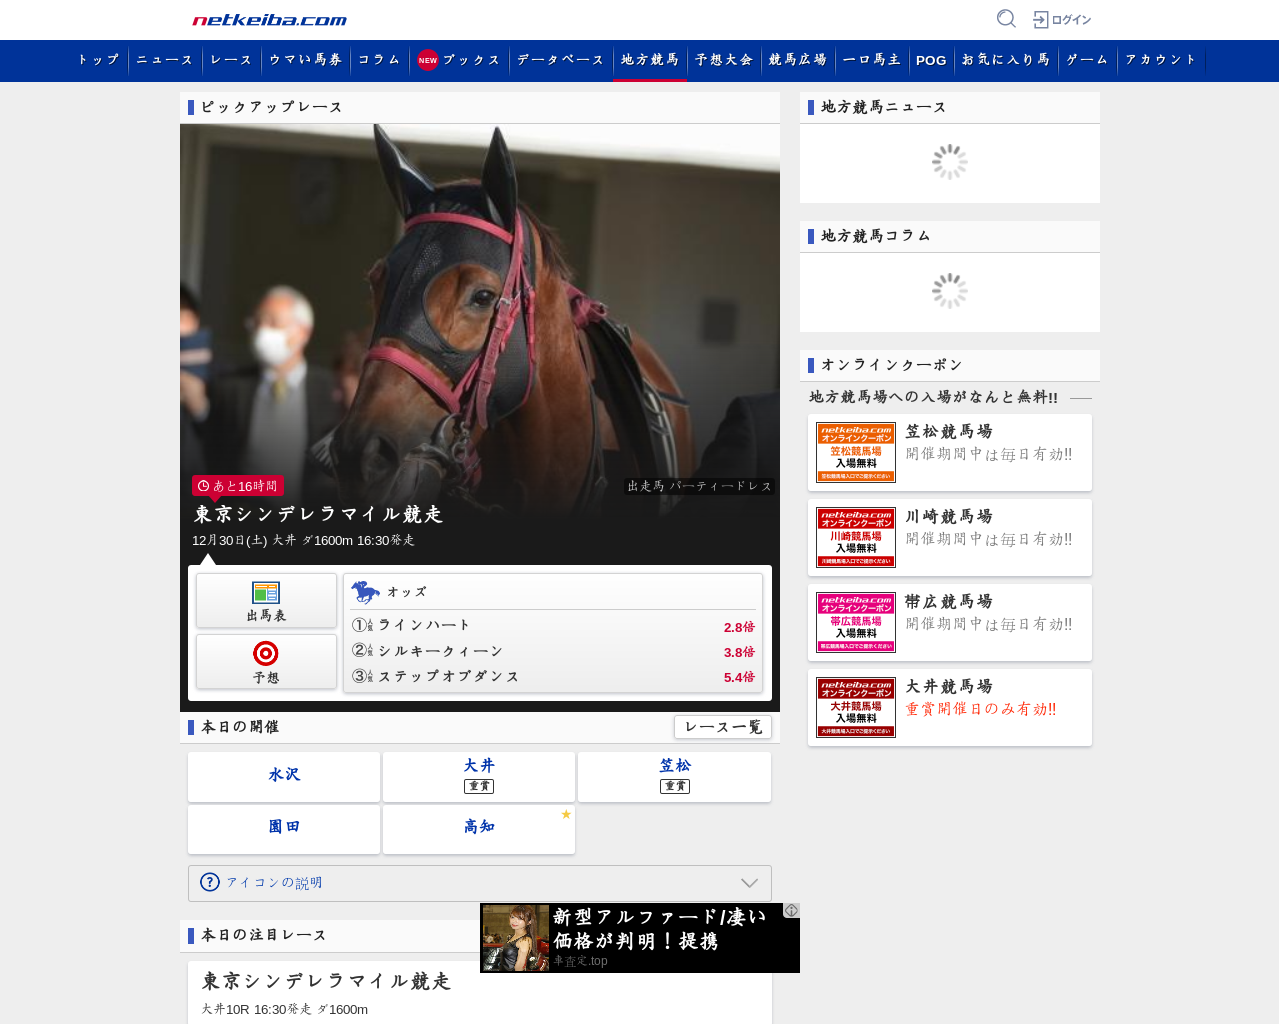 nar.sp.netkeiba.com(2017/12/30 09:40:40)